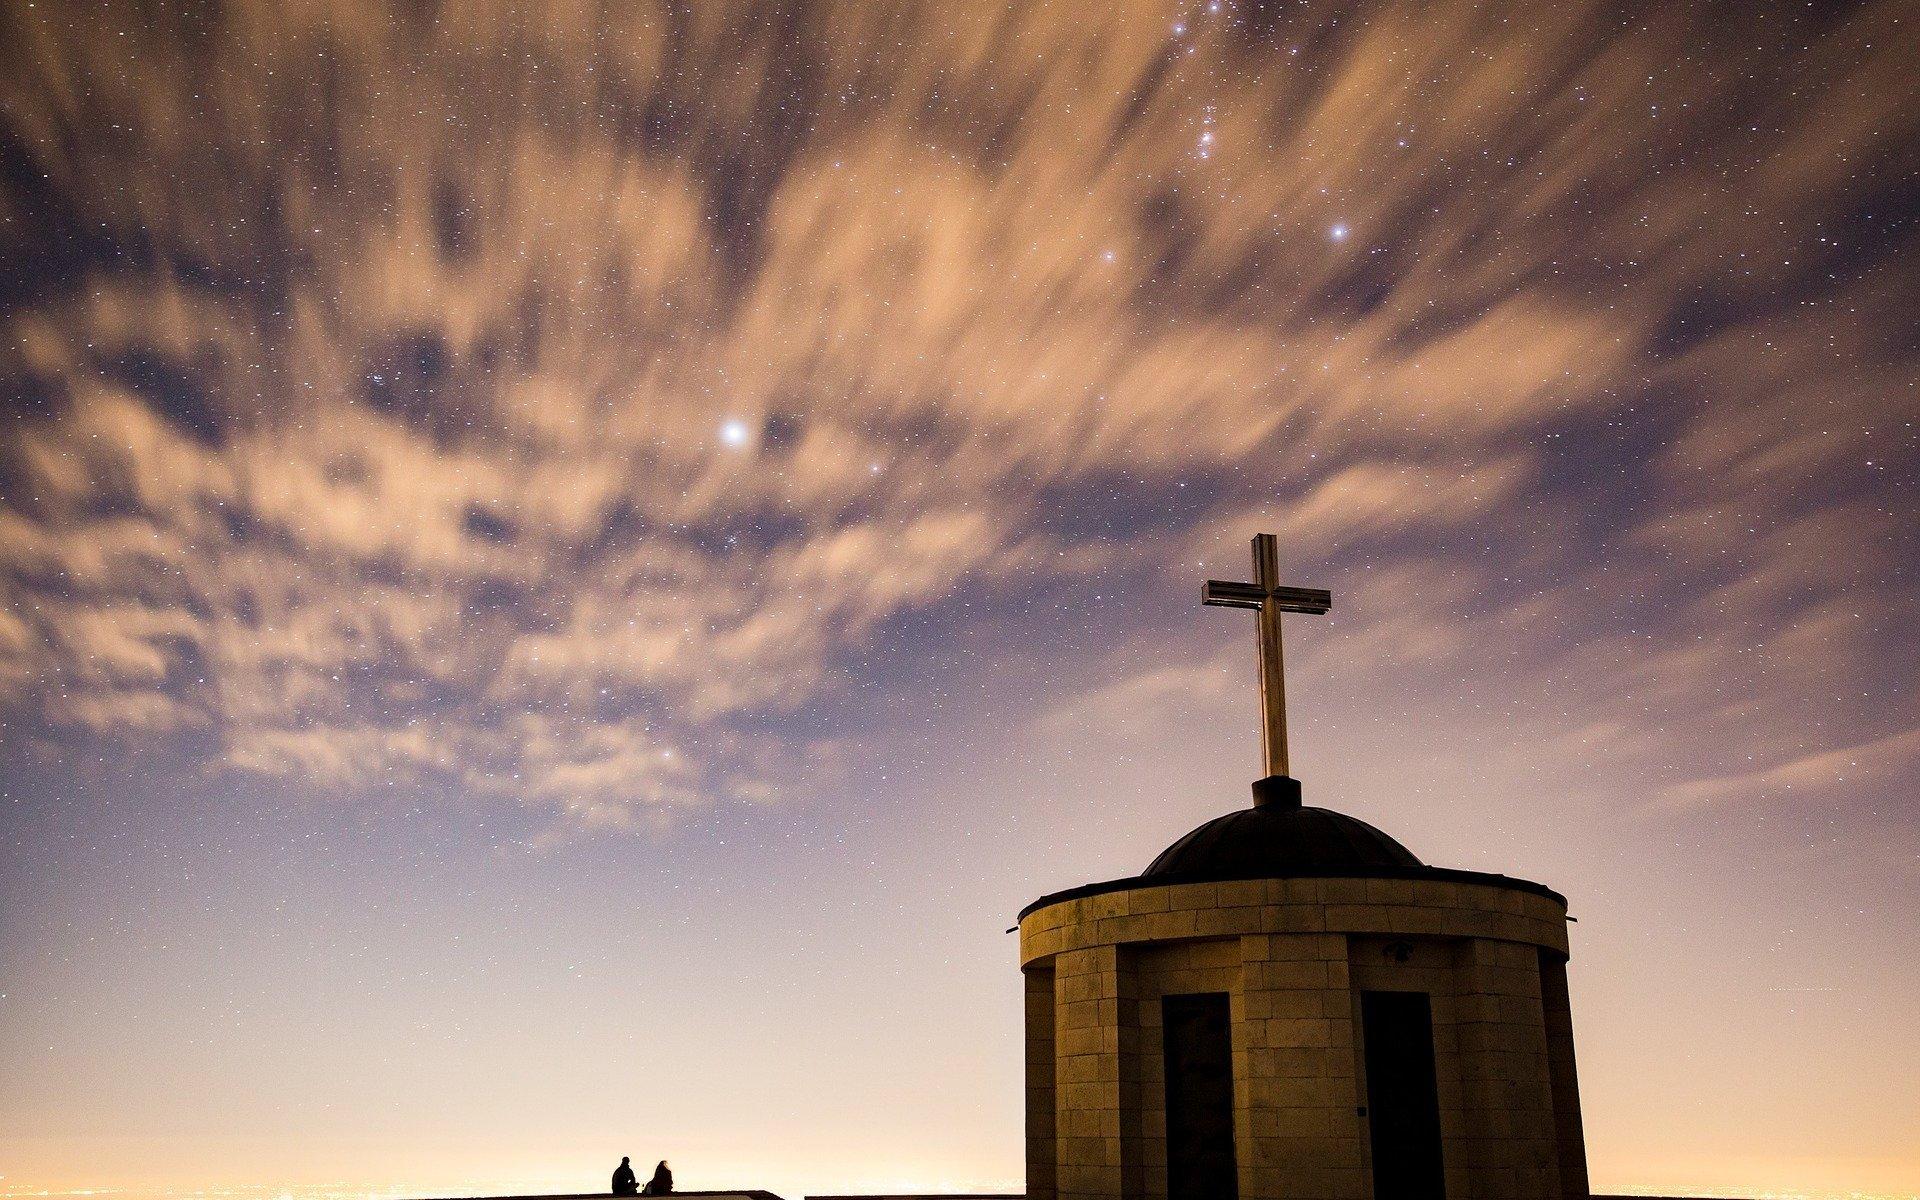 Sternenhimmel über Kirche. Symbol für Gottes Wille